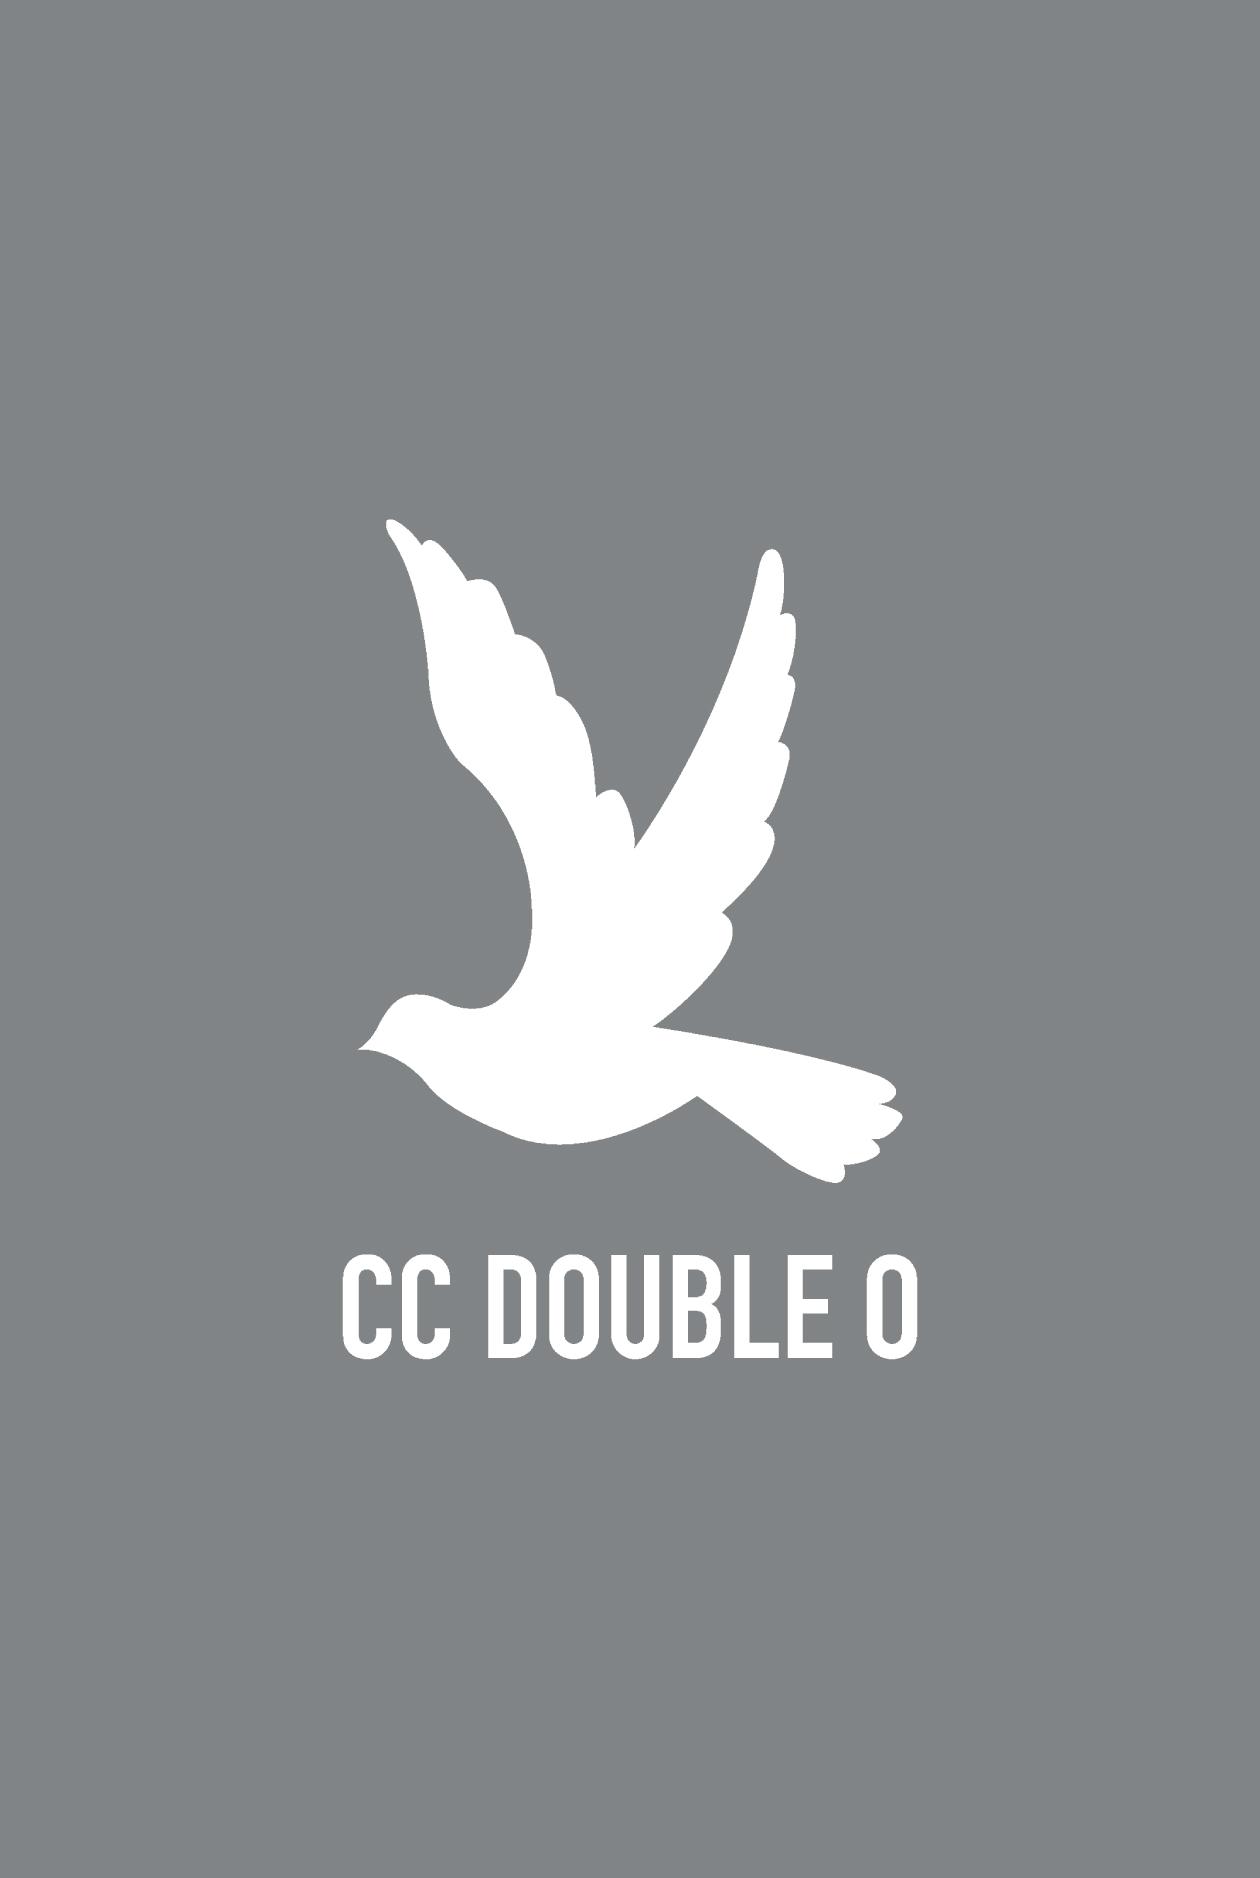 CC DOUBLE O Cap